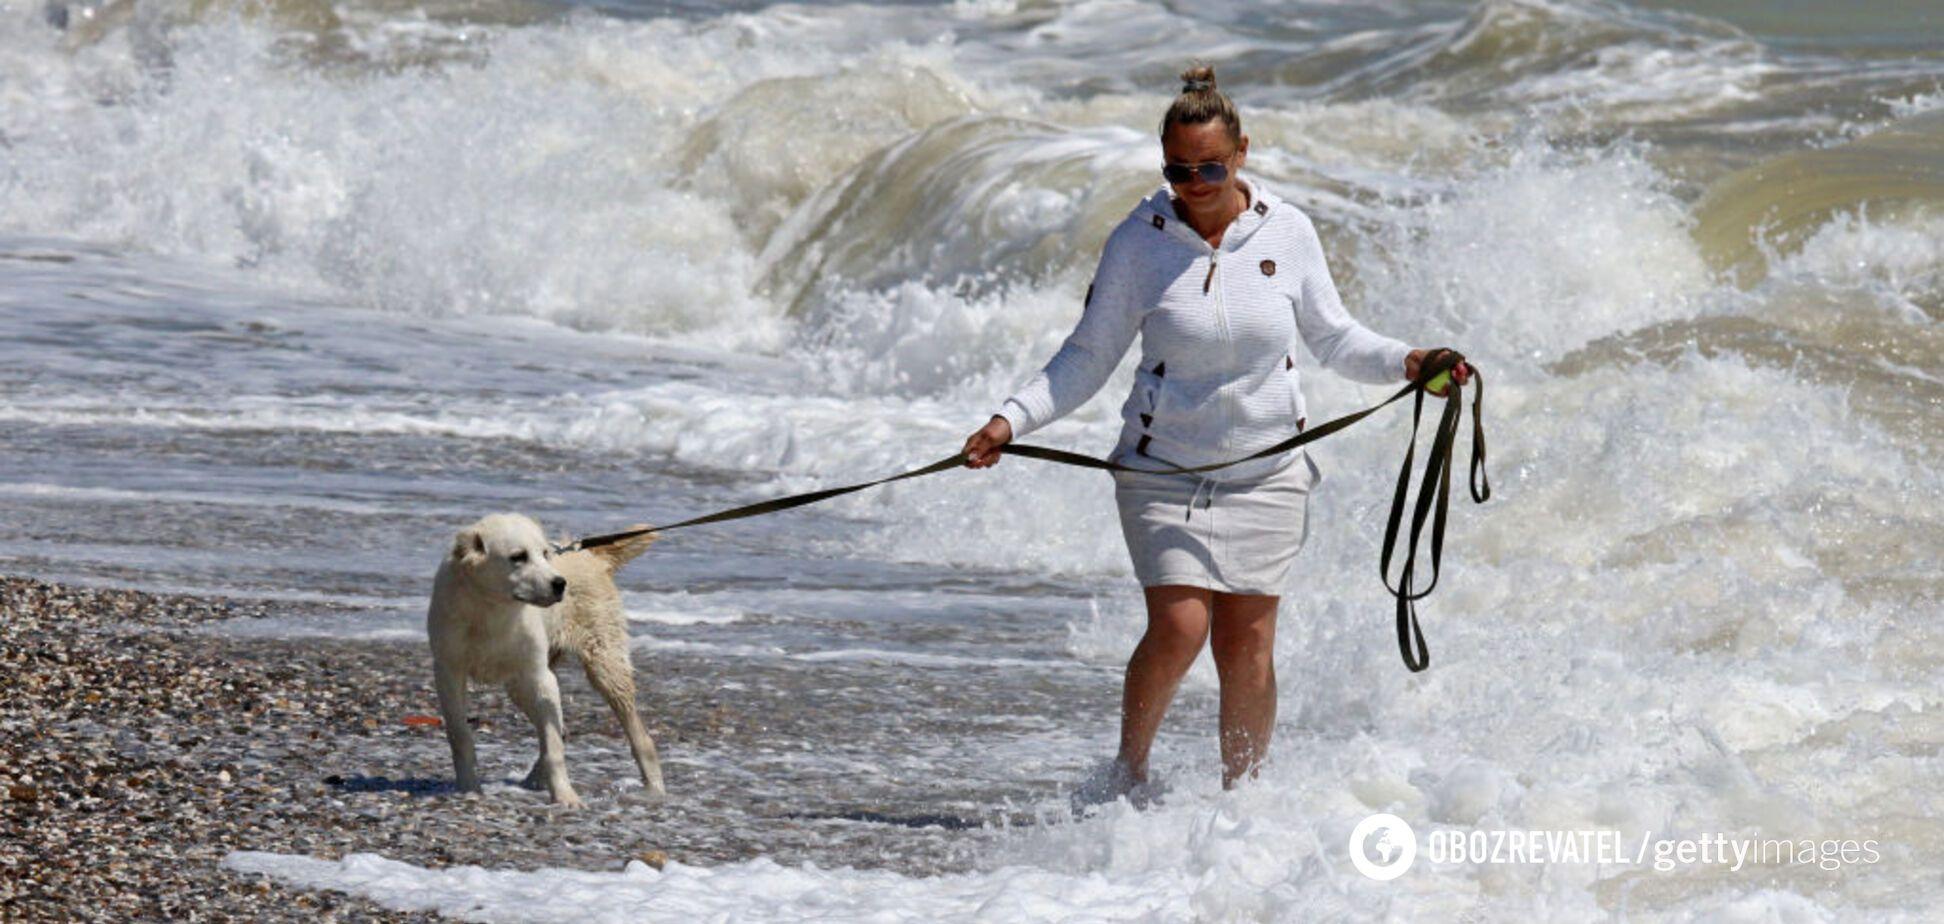 Пляж може стати розсадником COVID-19: лікар озвучив небезпеку